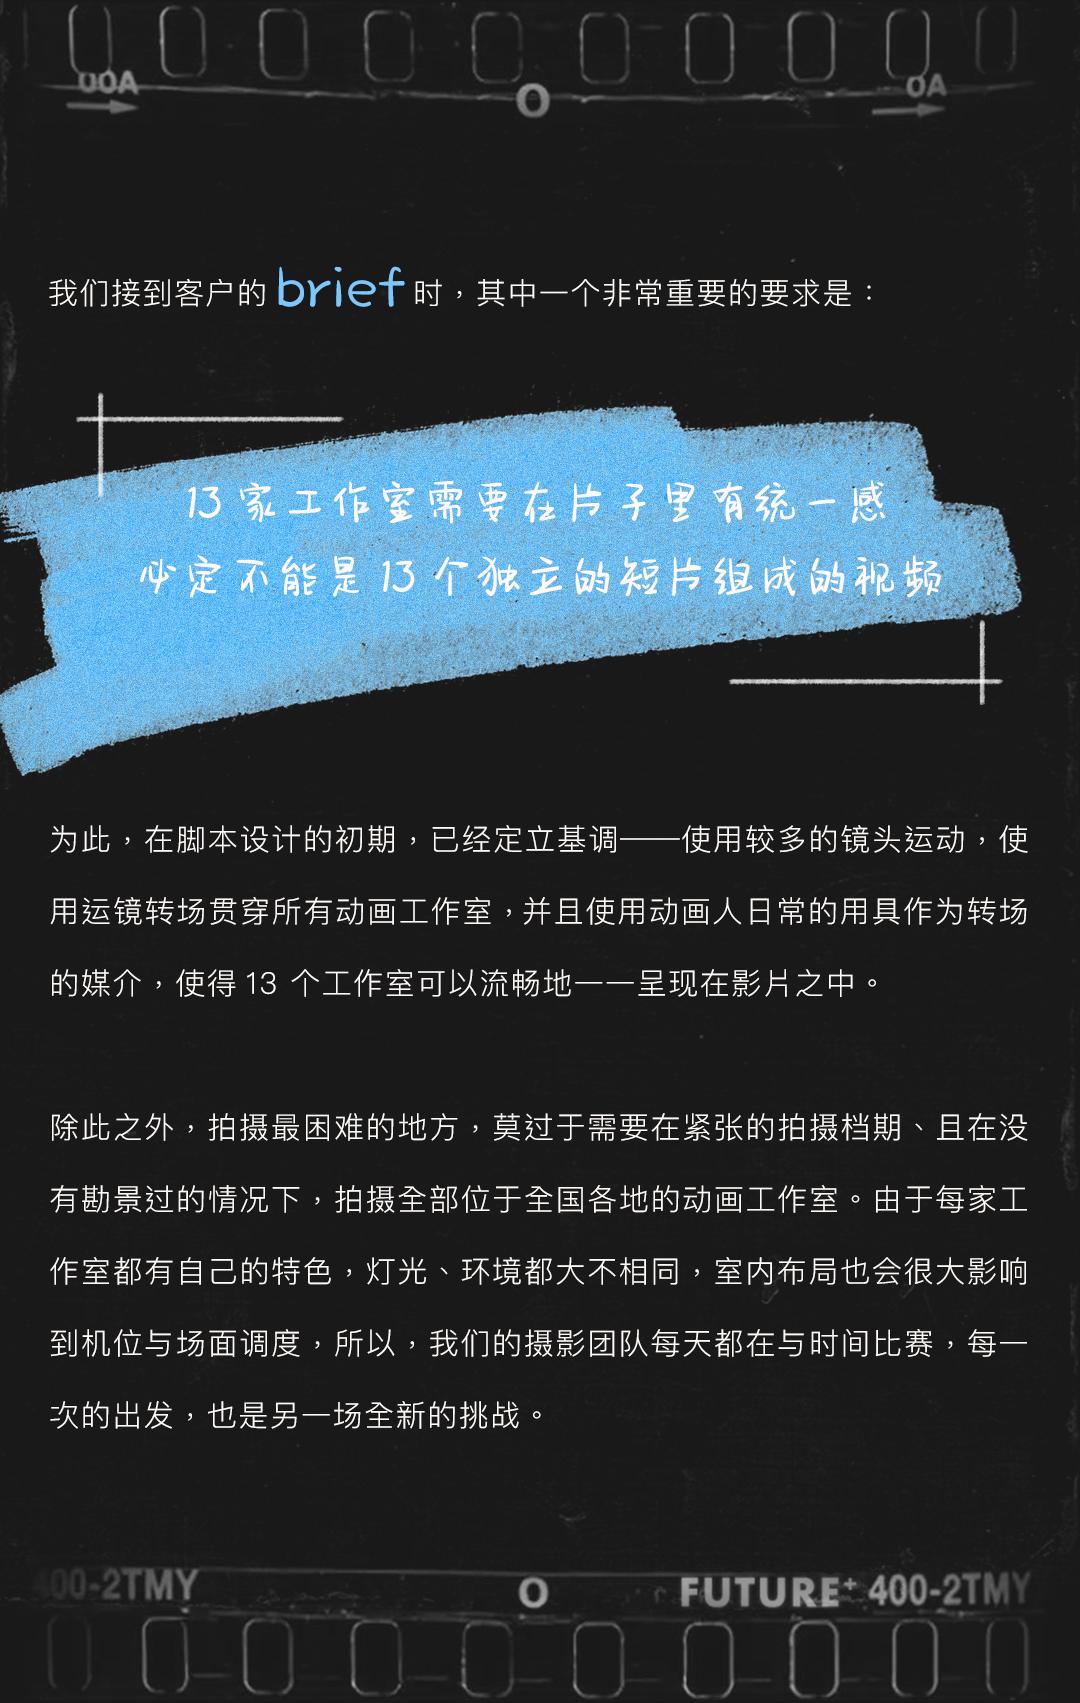 20210107_原创微纪录片_04.png